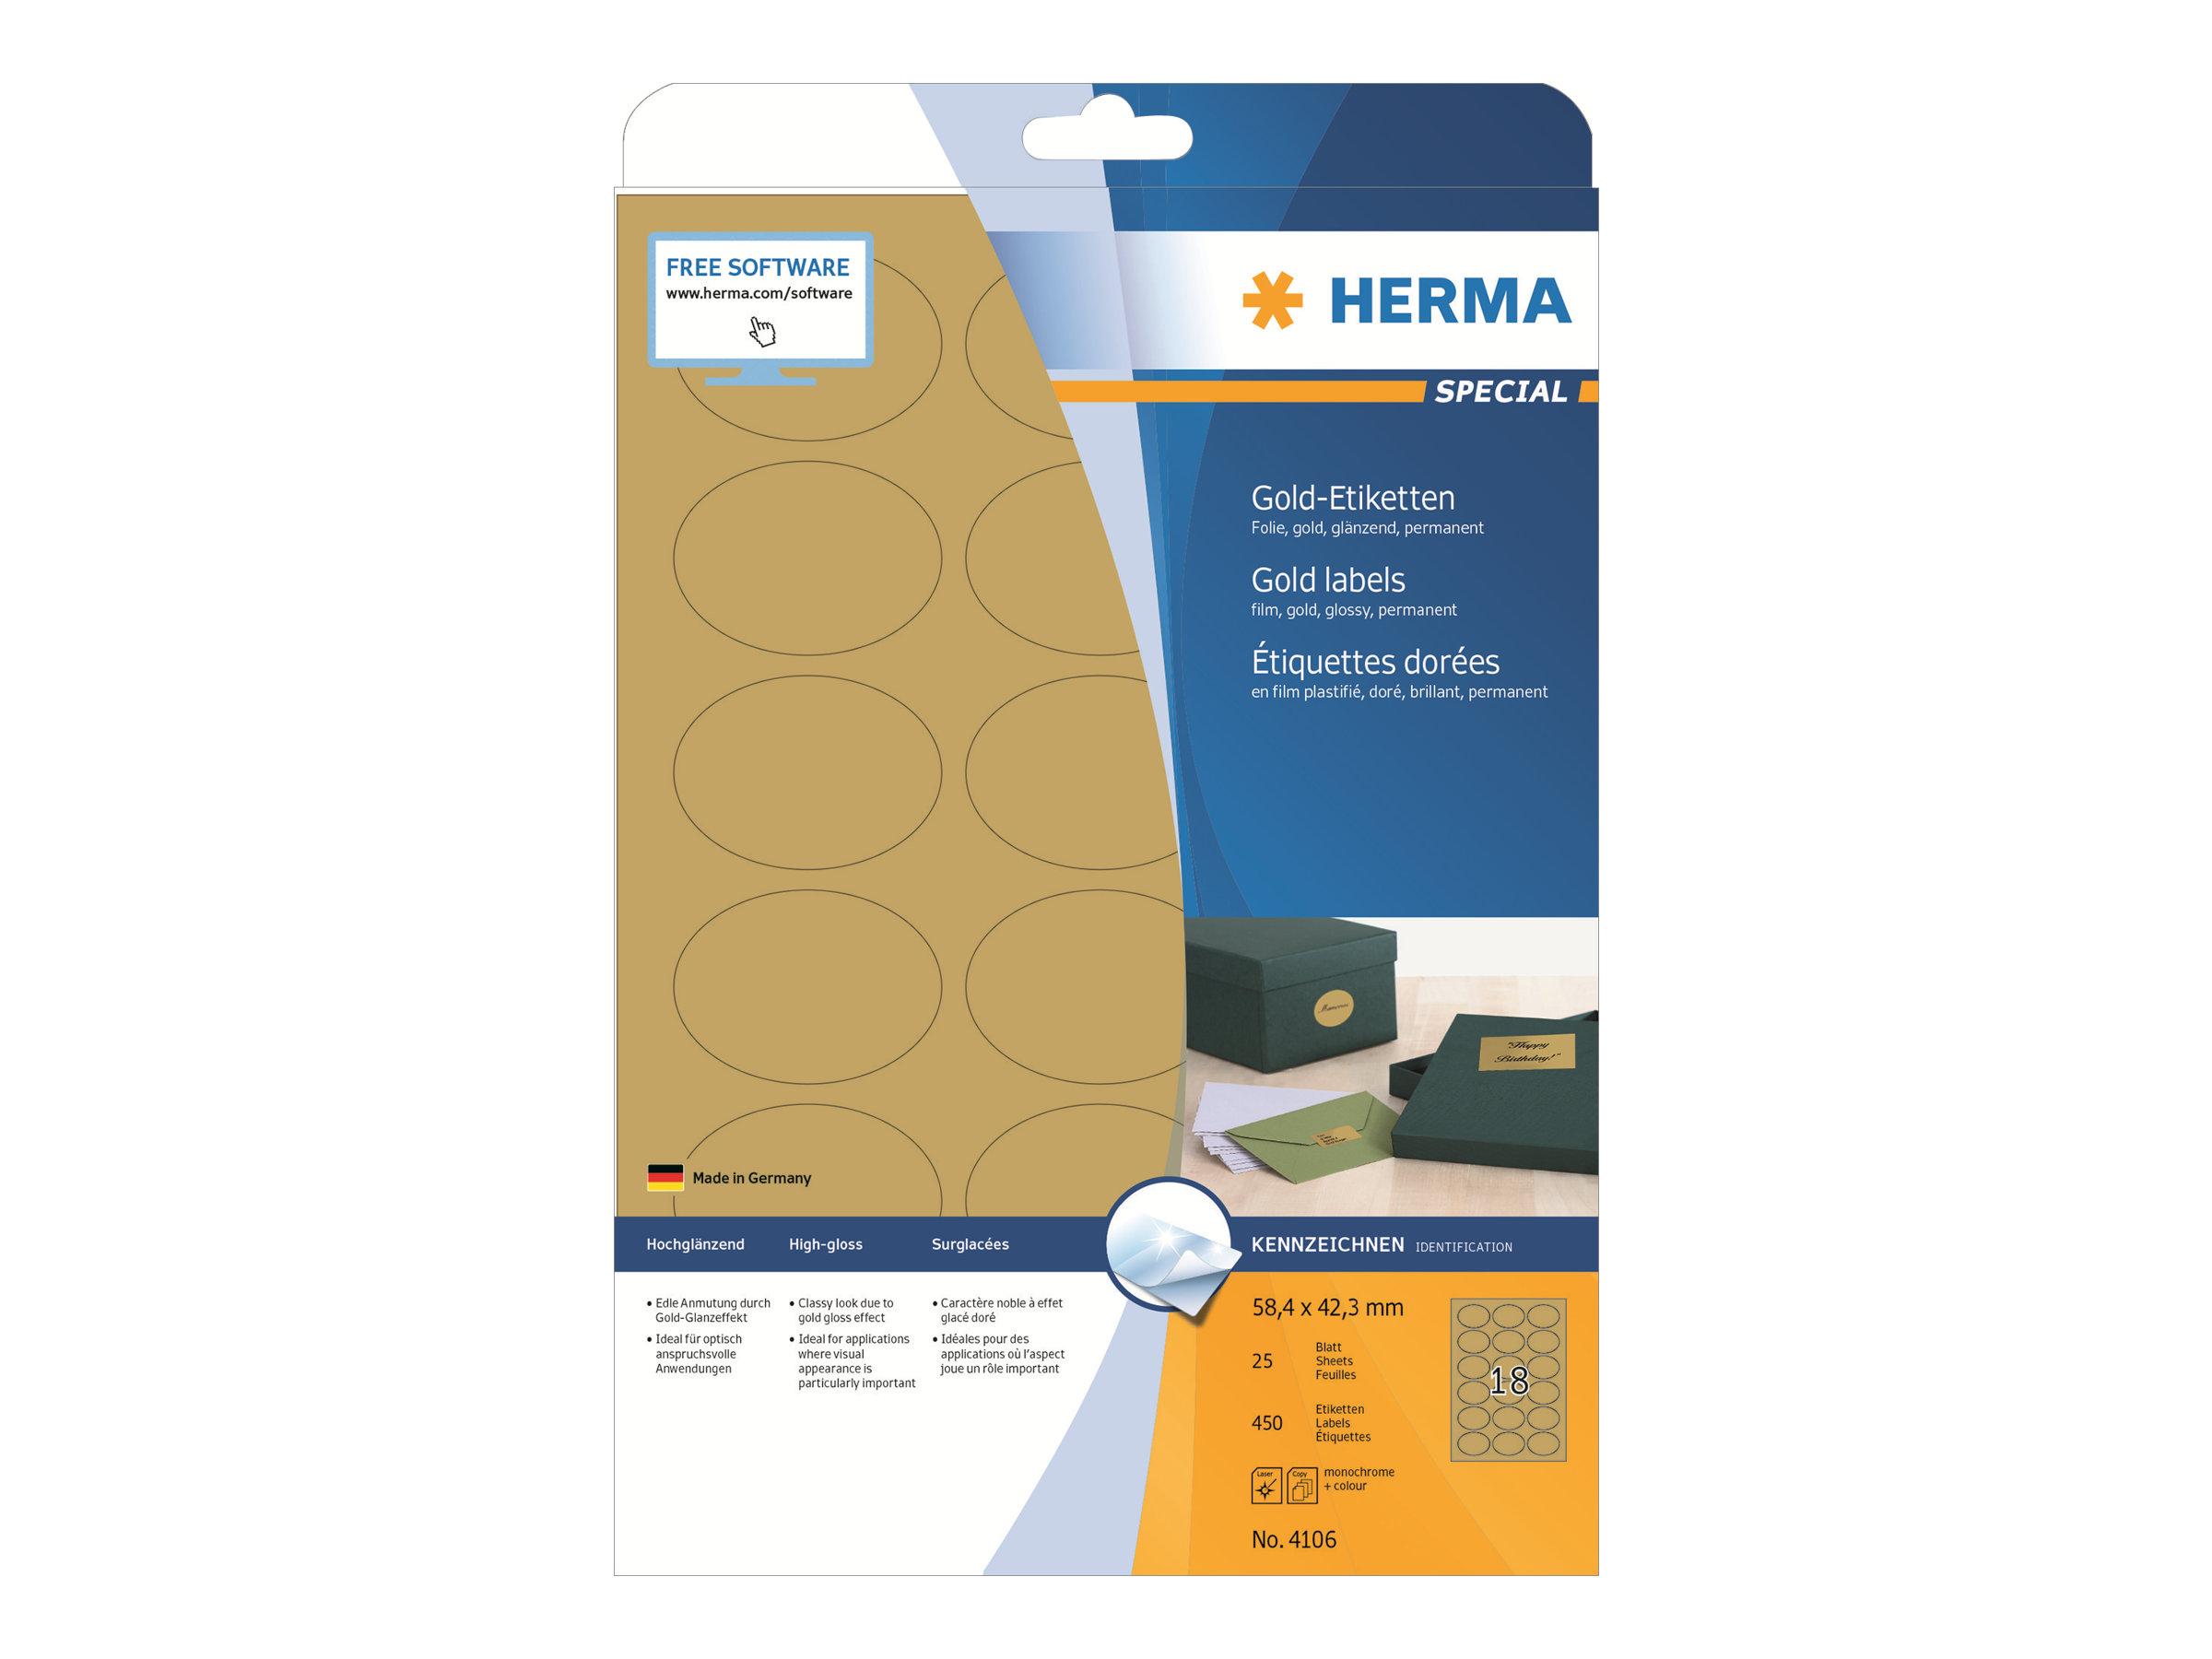 HERMA Special - Polyester - hochglänzend